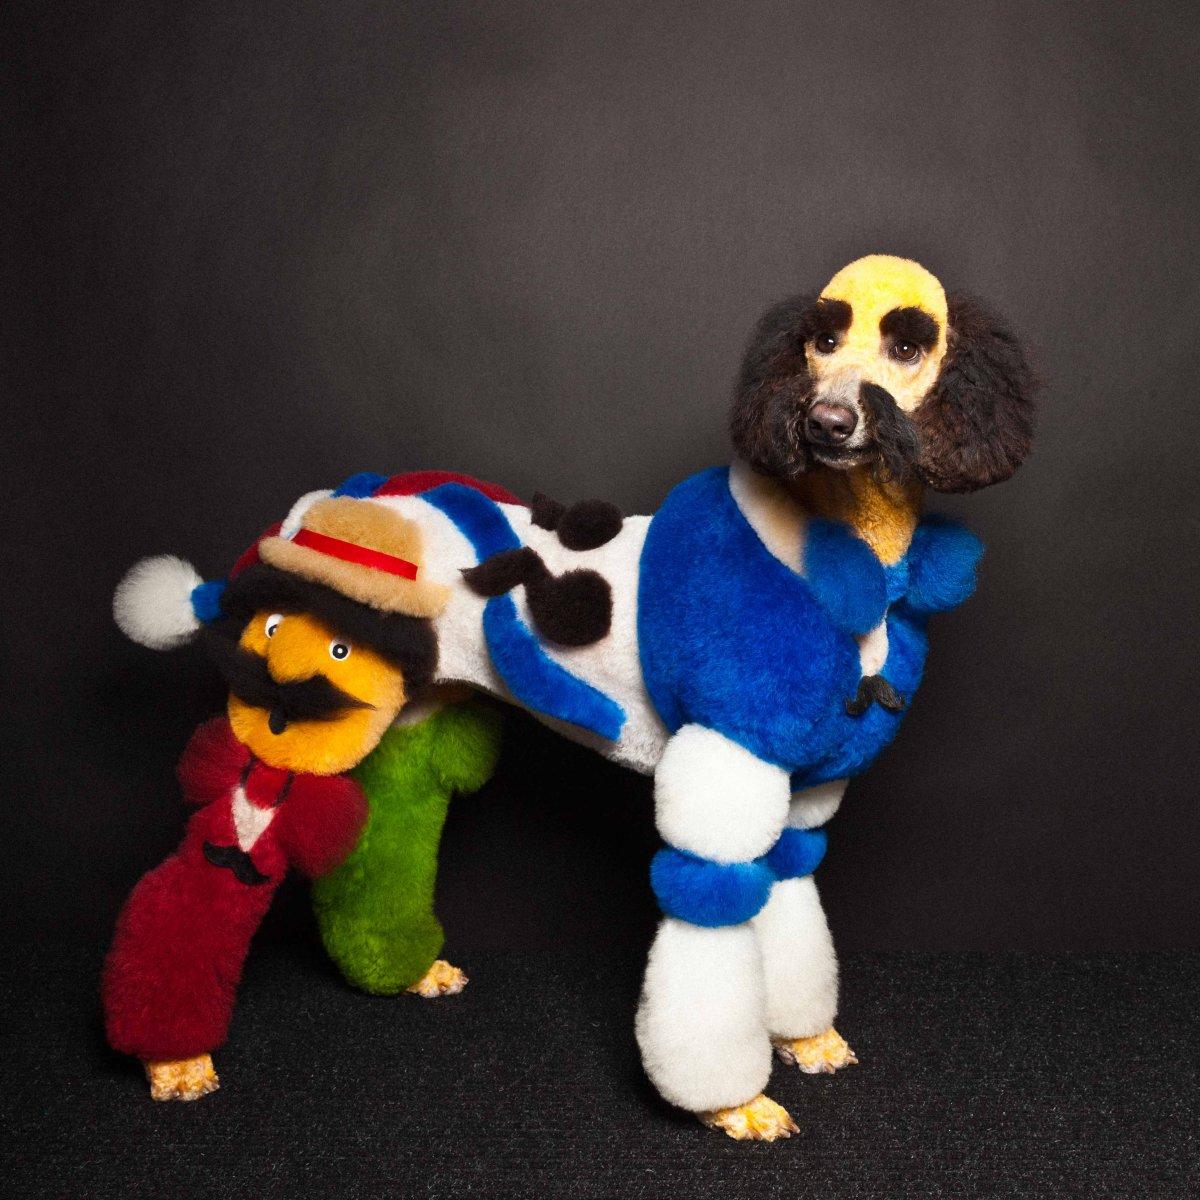 Concurso de moda canina mostra porque os cães mordem gente 14